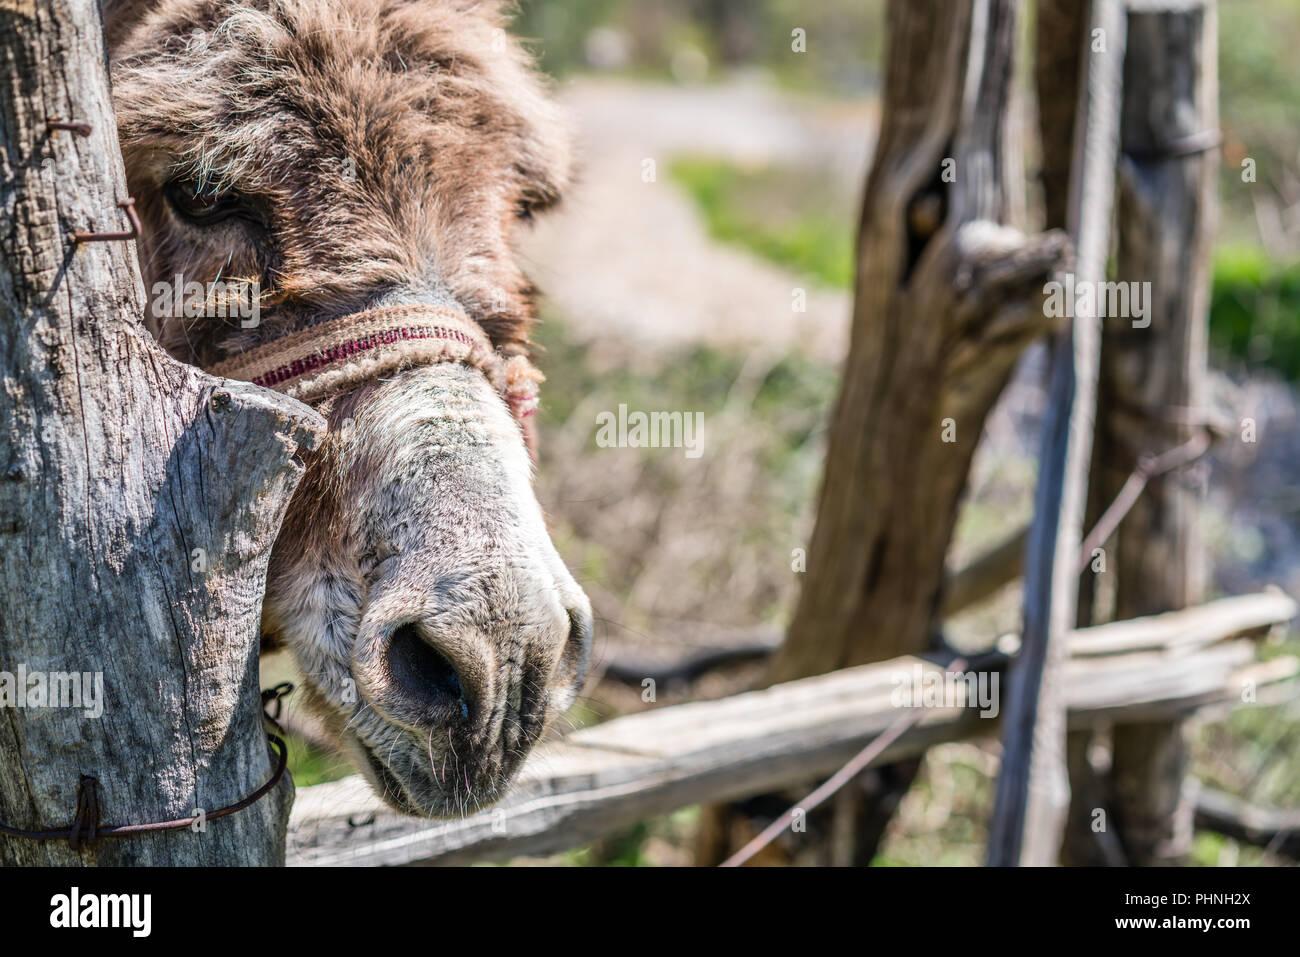 Sad donkey close up - Stock Image